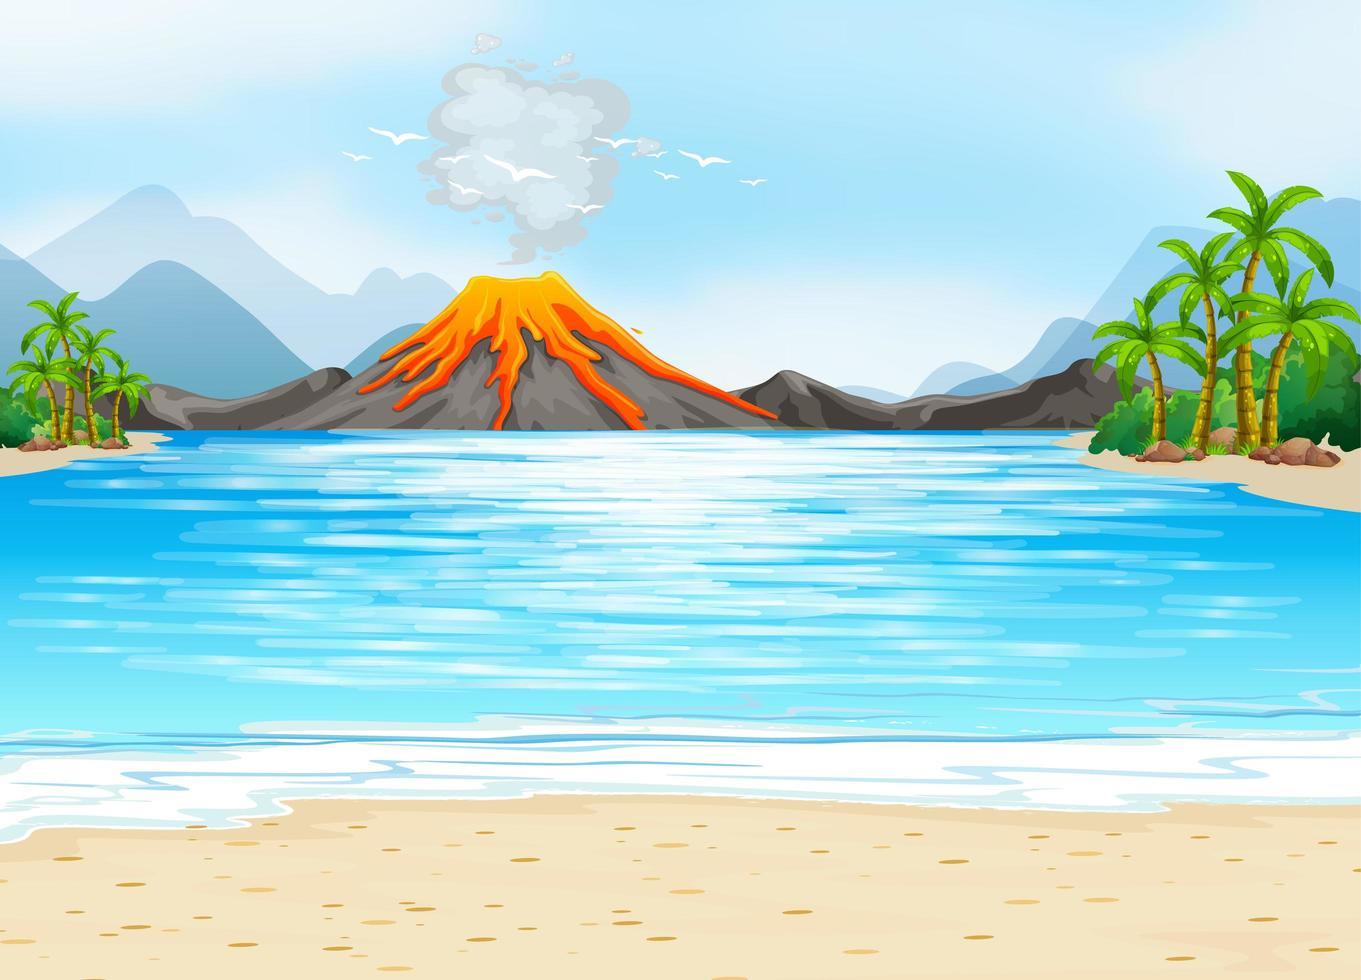 sfondo scena all'aperto eruzione vulcanica vettore